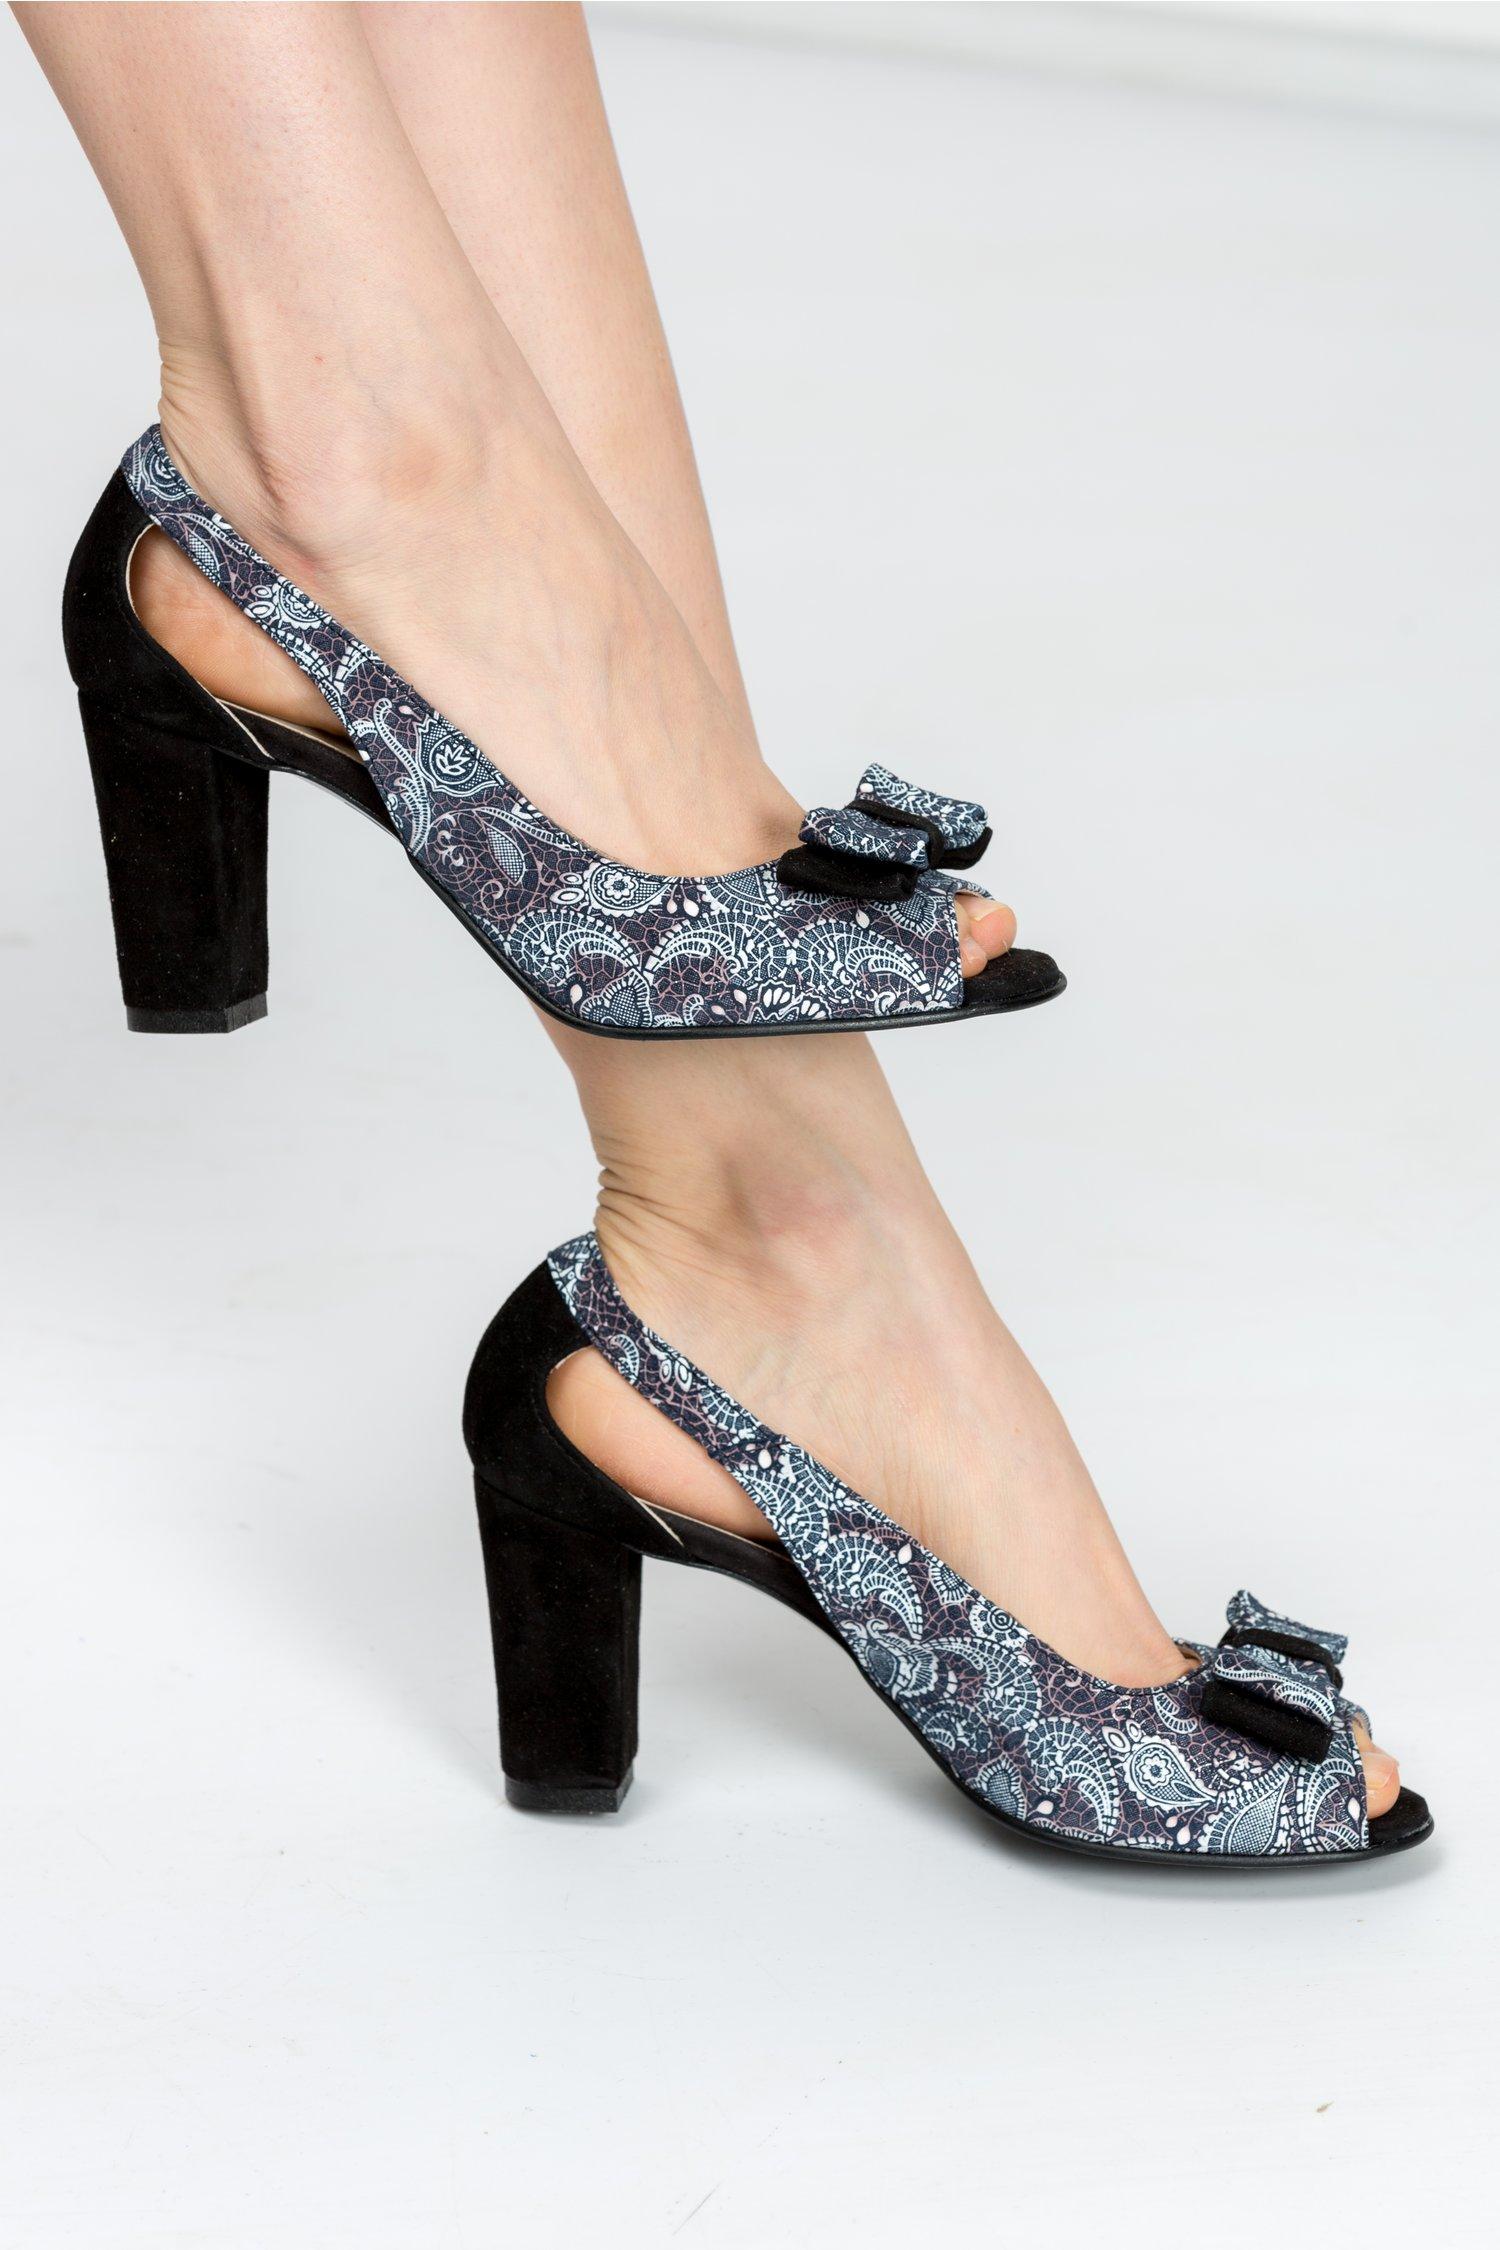 Pantofi Ester negri cu imprimeuri si decupaje, colectia 2018